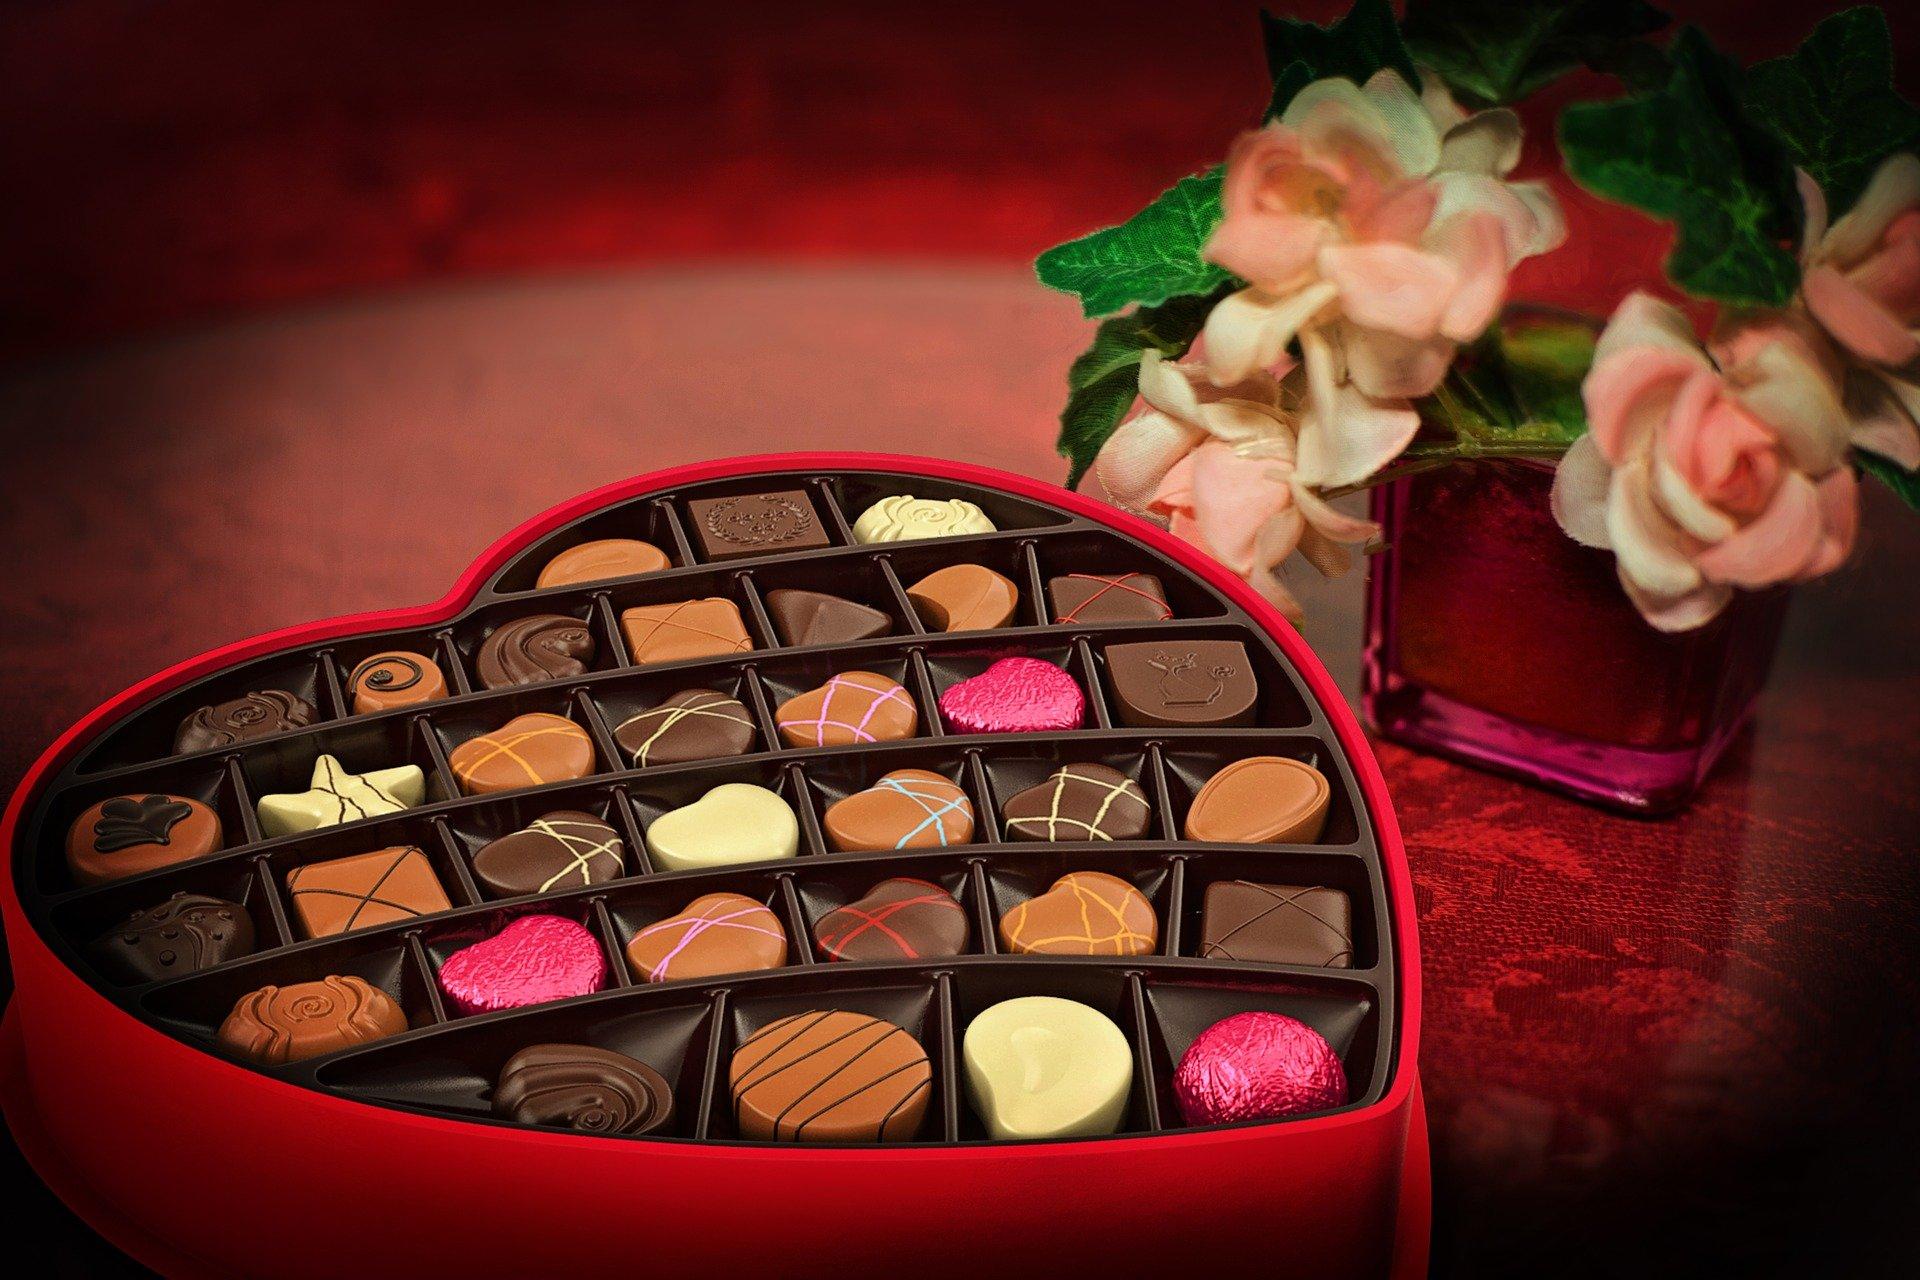 Industria chocolatera suiza es vinculada con deforestación global: organización WWF